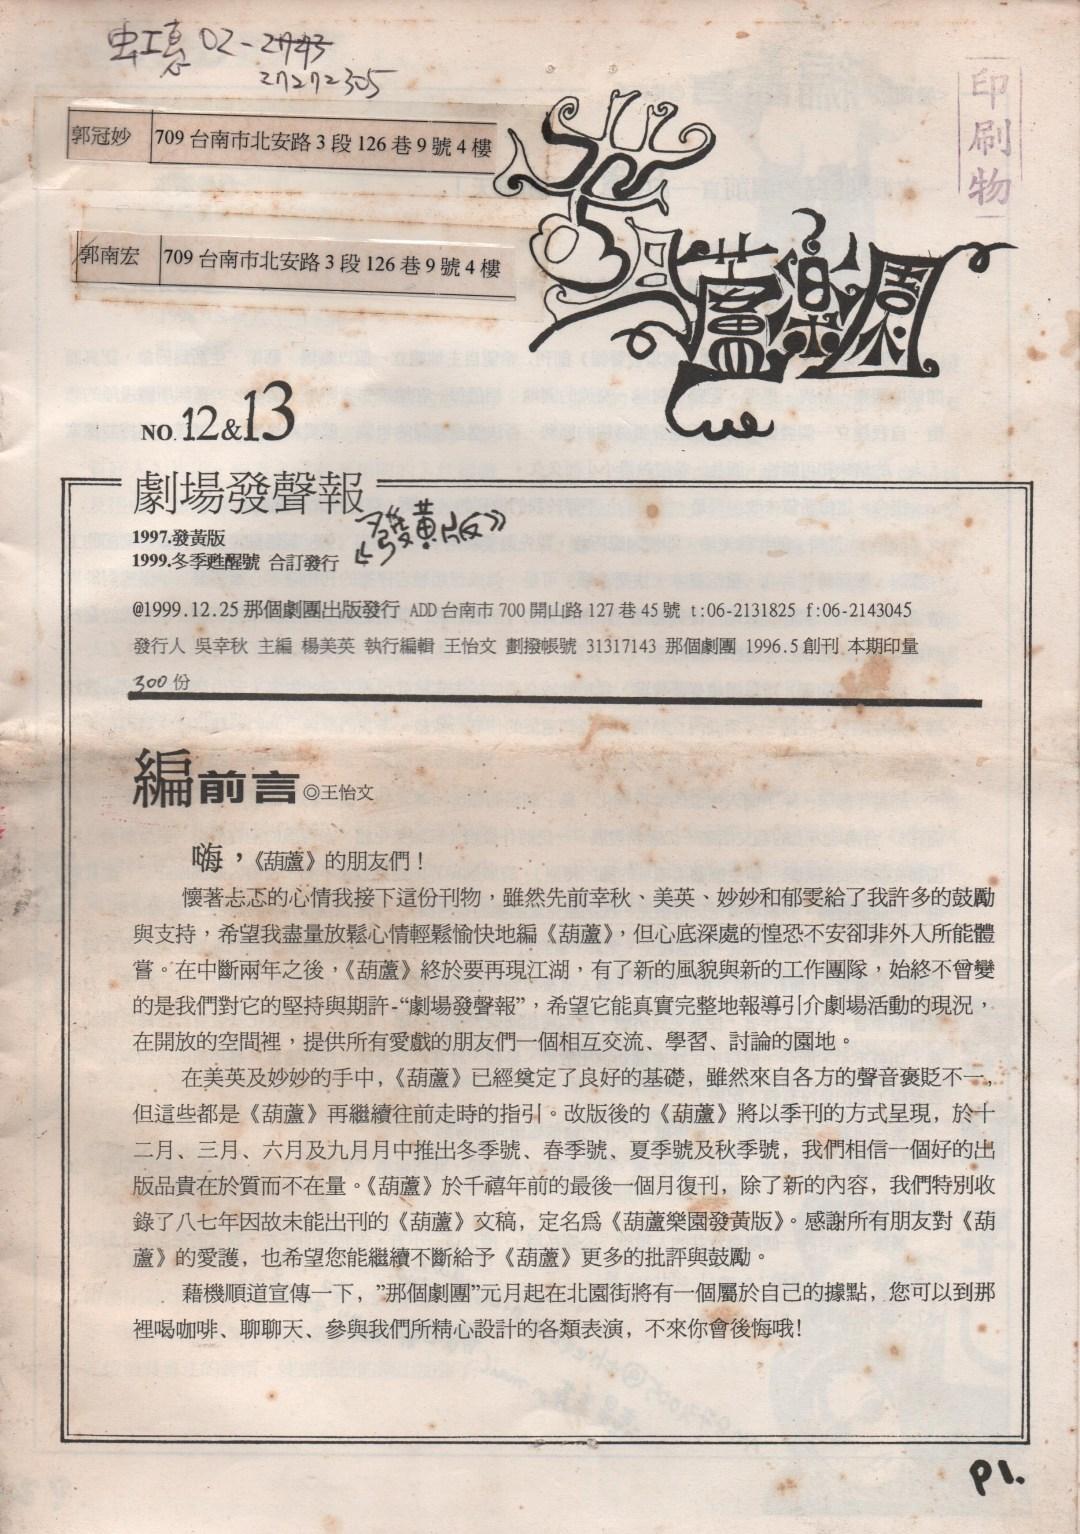 葫蘆樂園:劇場發聲報第十二十三期